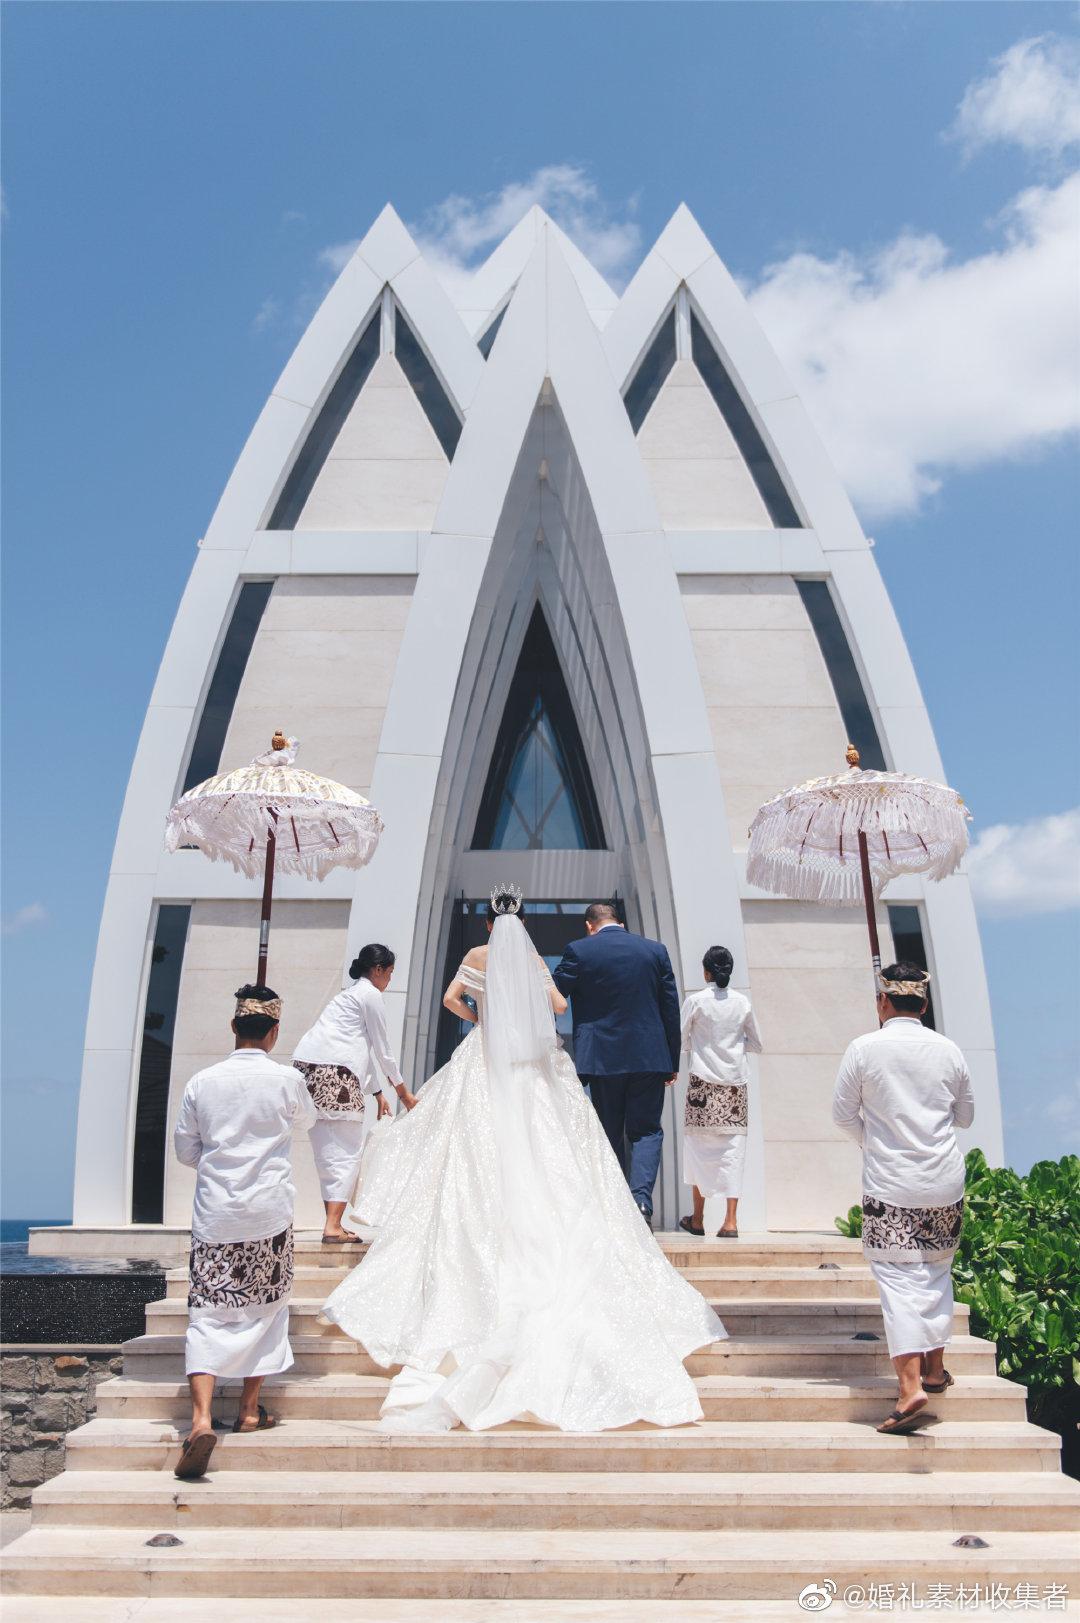 巴厘岛丽思卡尔顿教堂婚礼见过春风十里品过夏花绚烂走过秋光涟漪